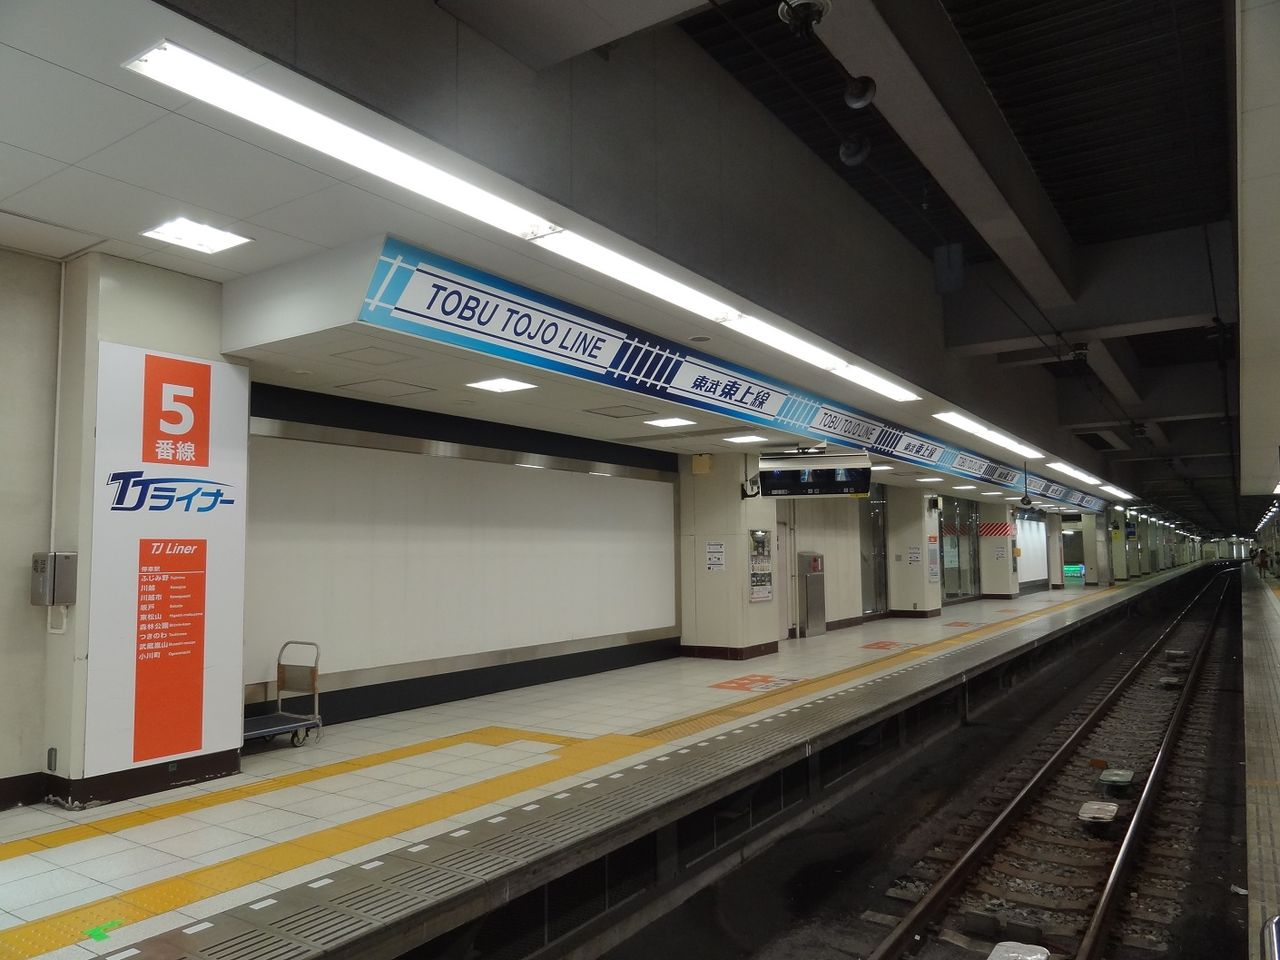 http://livedoor.blogimg.jp/densuki7/imgs/2/5/258d6925.jpg